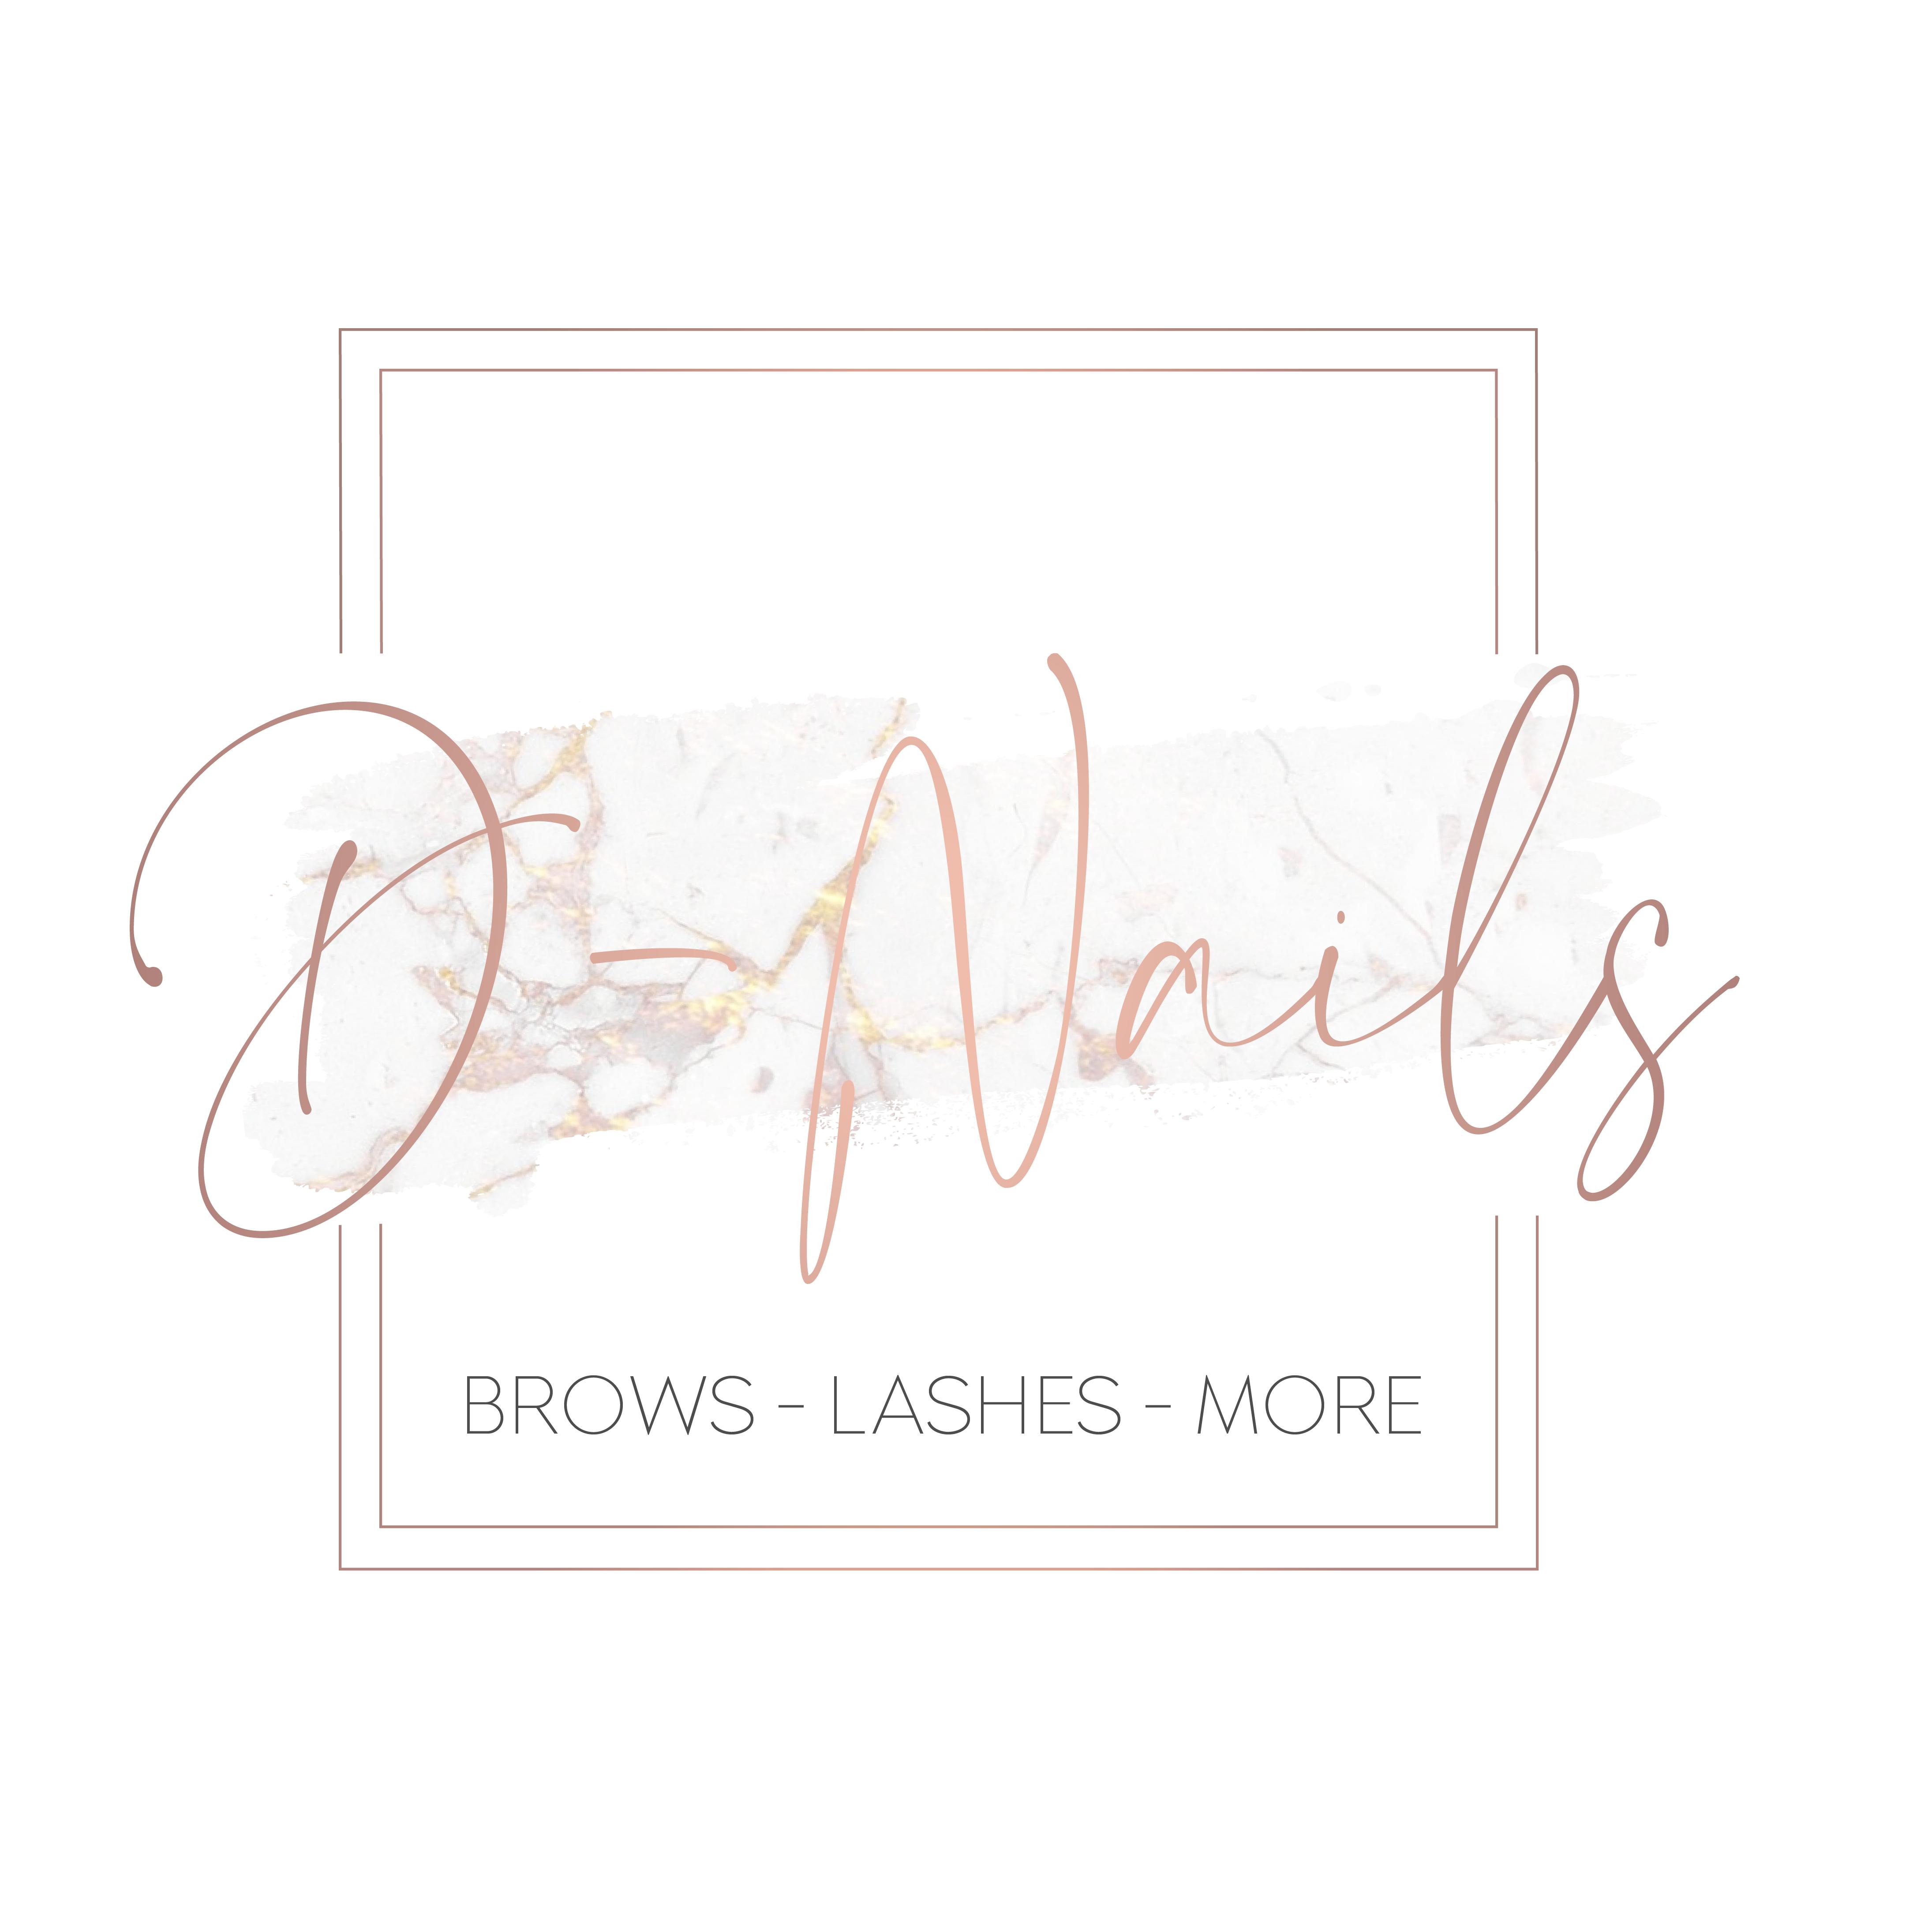 D-nails & More